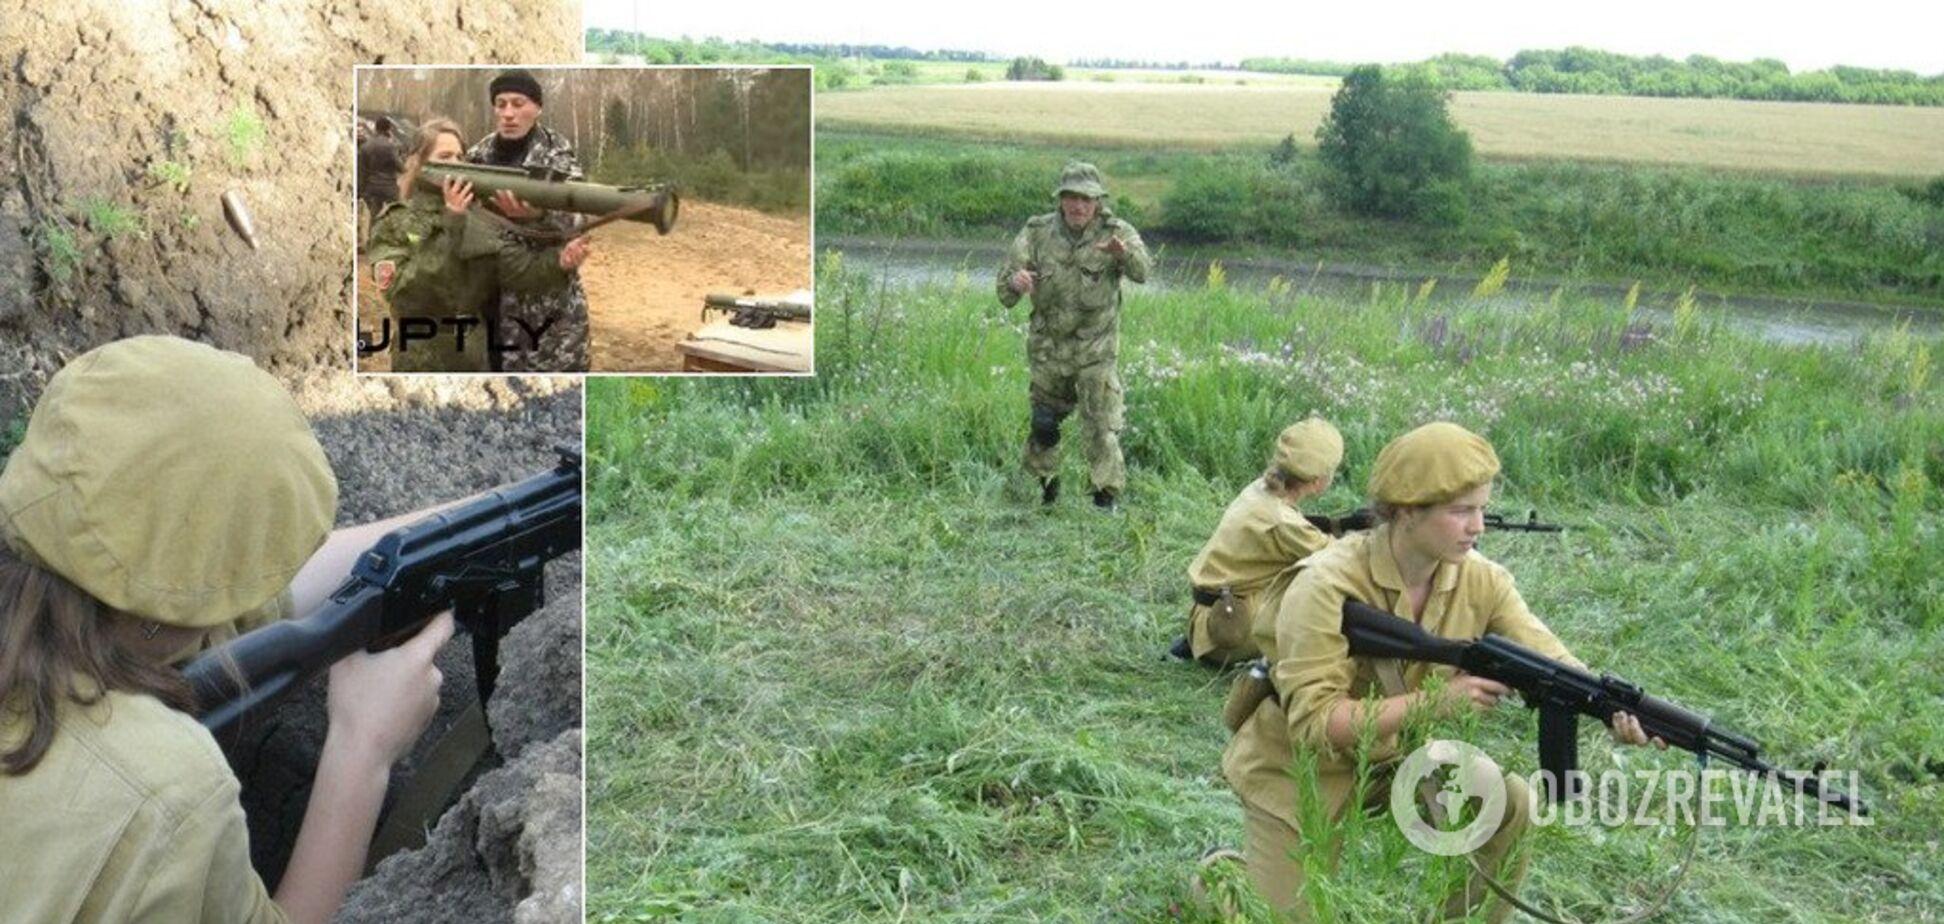 Учат убивать украинцев. Как в 'ДНР' из детей куют террористов